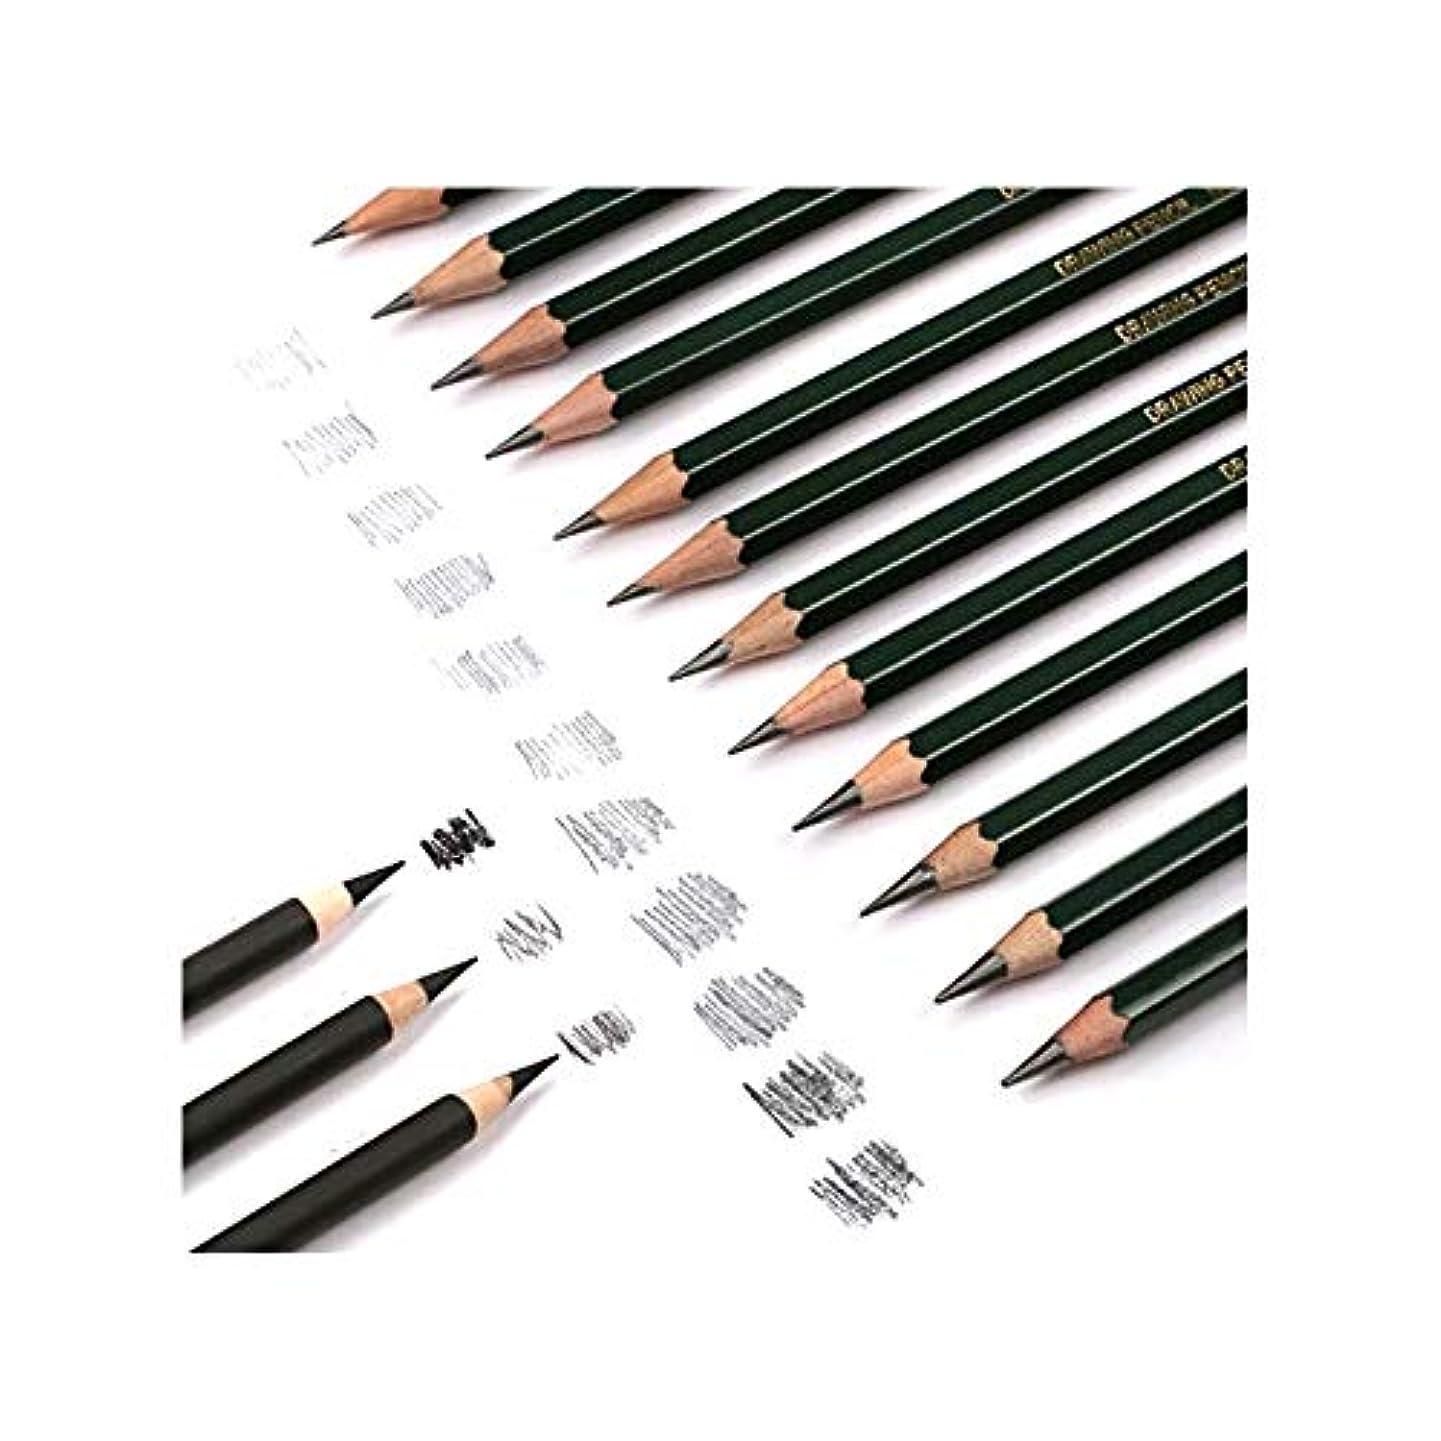 喜ぶのぞき見直径Aishanghuayi001 ペイントブラシ、色が簡単な初心者向け画材、27枚の大人のプロのスケッチデッサン鉛筆(27枚) 安全と環境保護 (Color : Silver, Size : 7 pieceses)